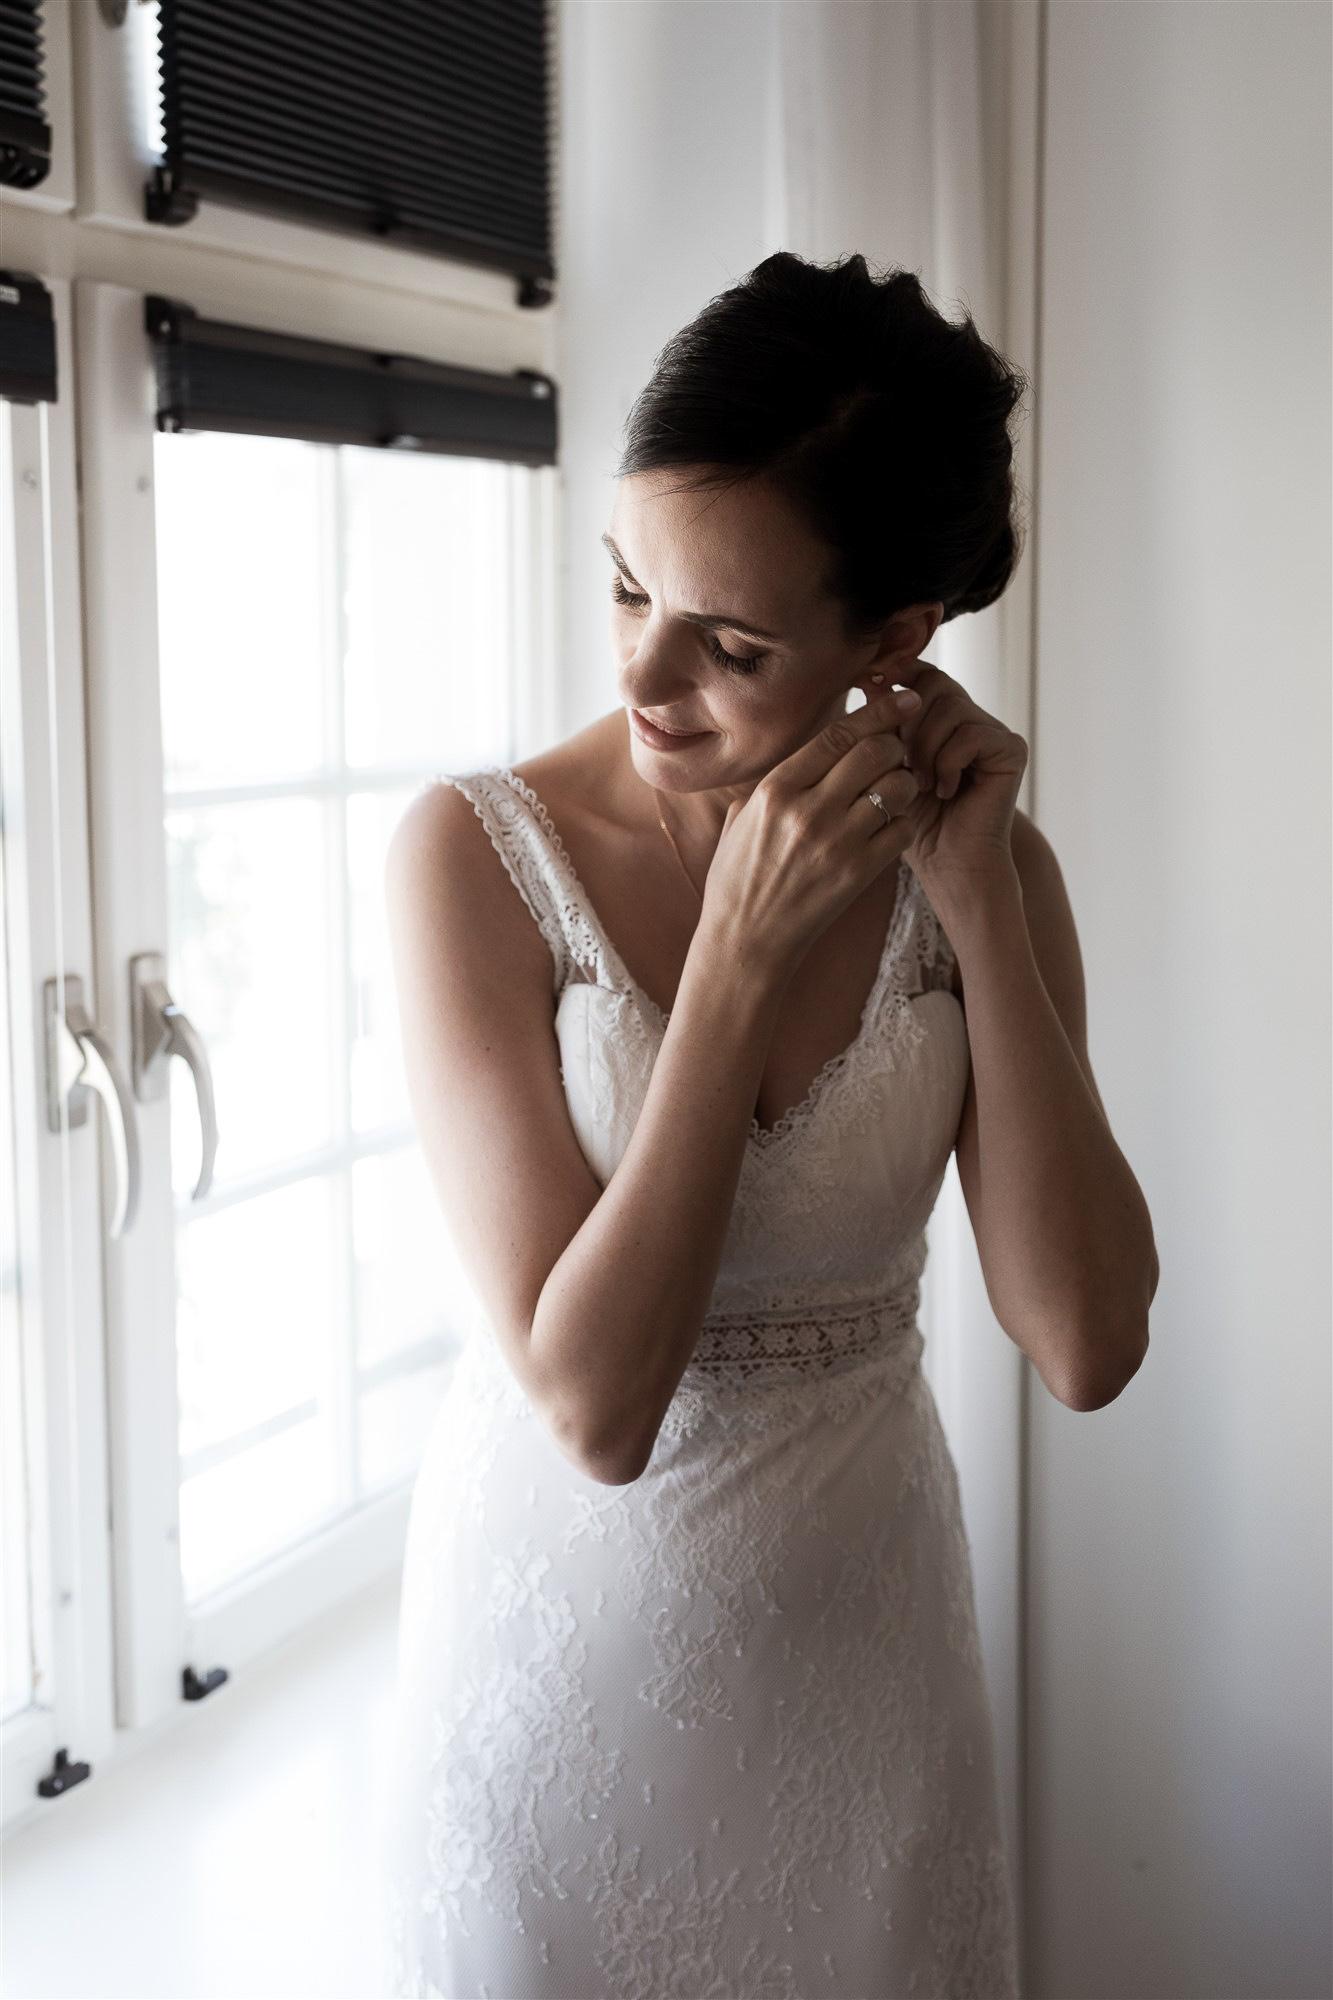 Getting Ready der Braut - Die Braut zieht ihre Ohrringe an - Hochzeit im Teufelhof Basel - Hochzeitsfotograf Nicole Kym